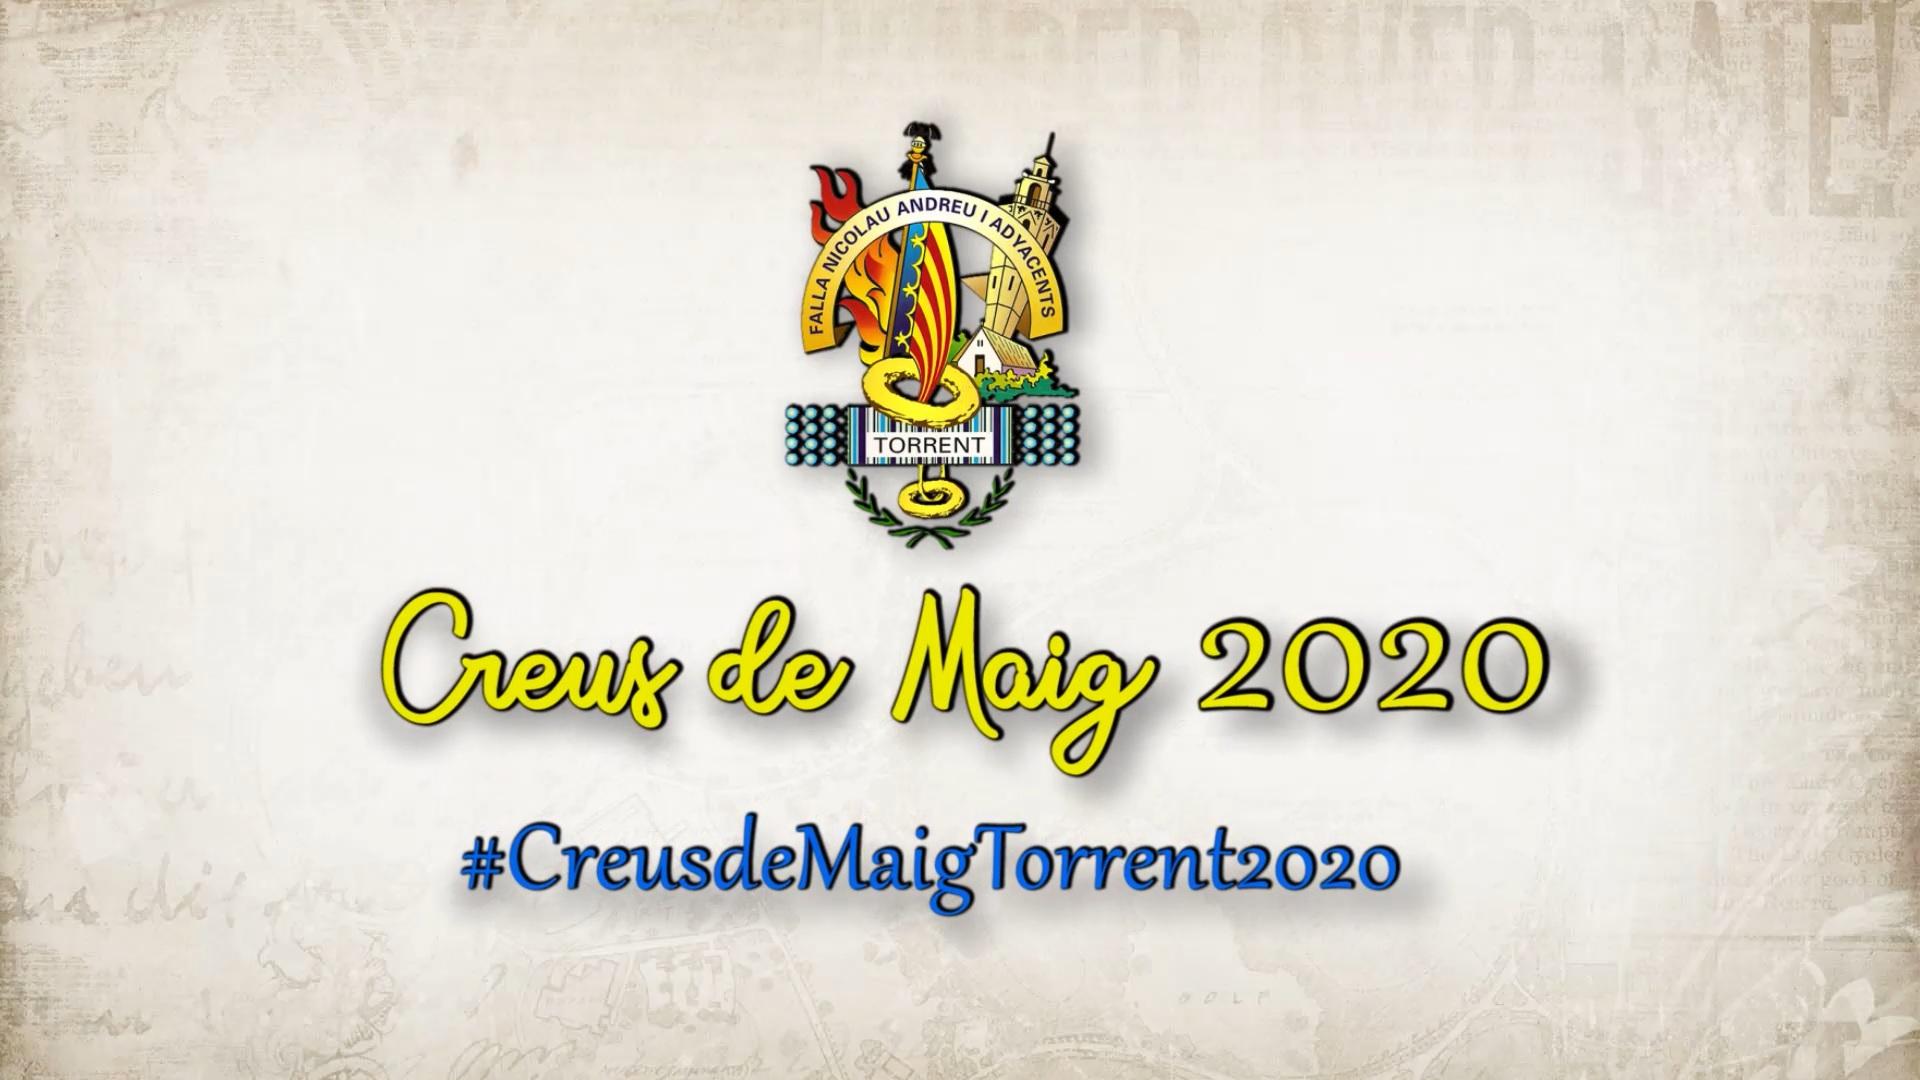 Creus de Maig 2020